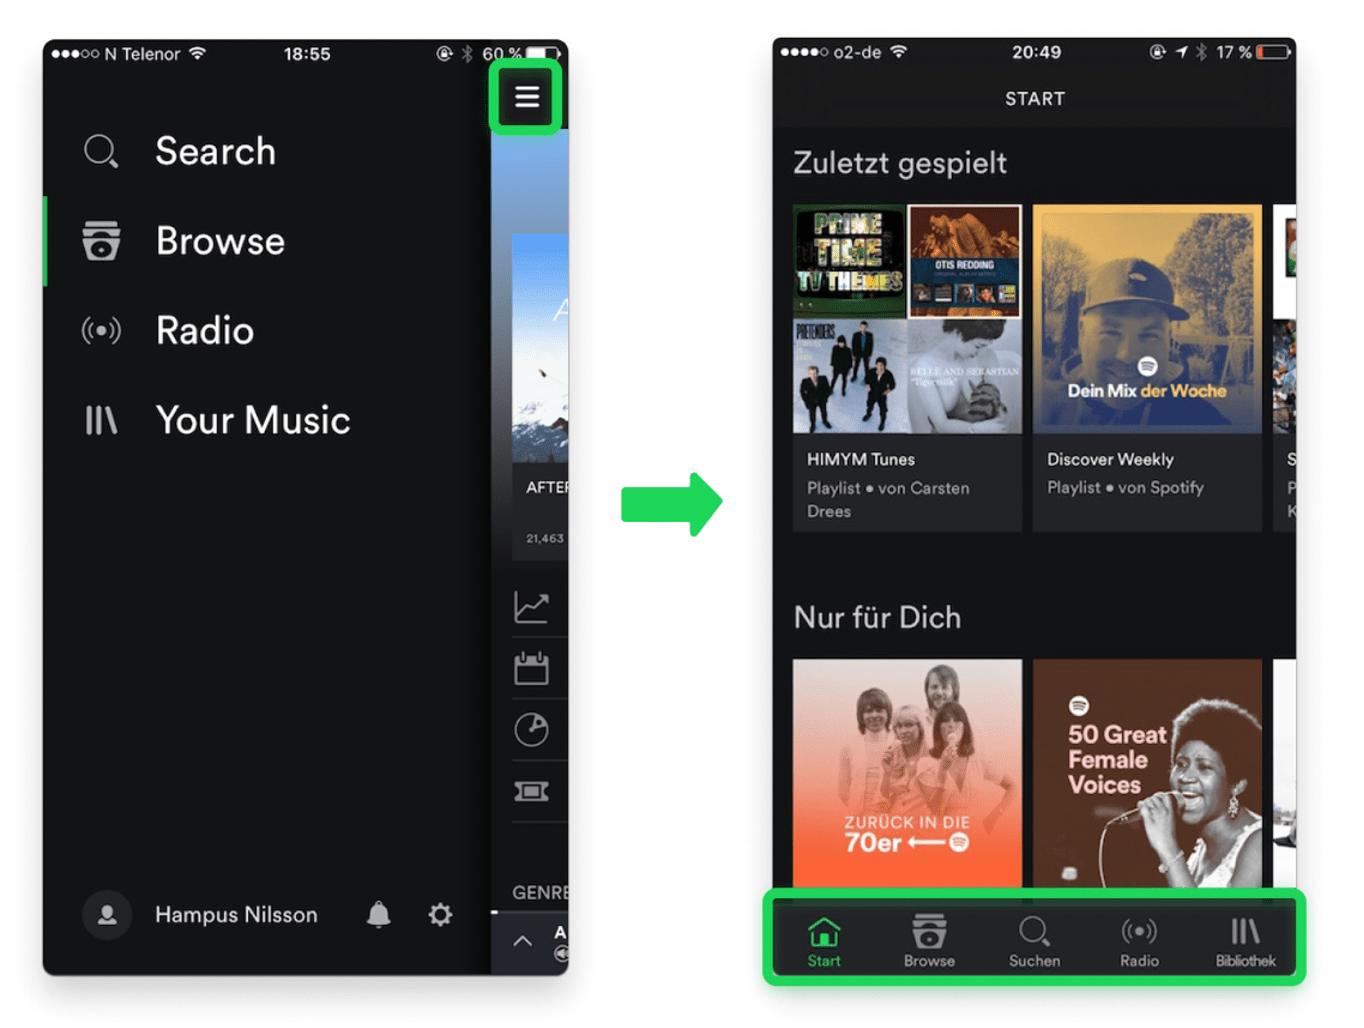 Vergleich der Spotify-App mit einem Hamburger-Menü vor 2016 und die aktuelle Darstellung mit einer Tableiste